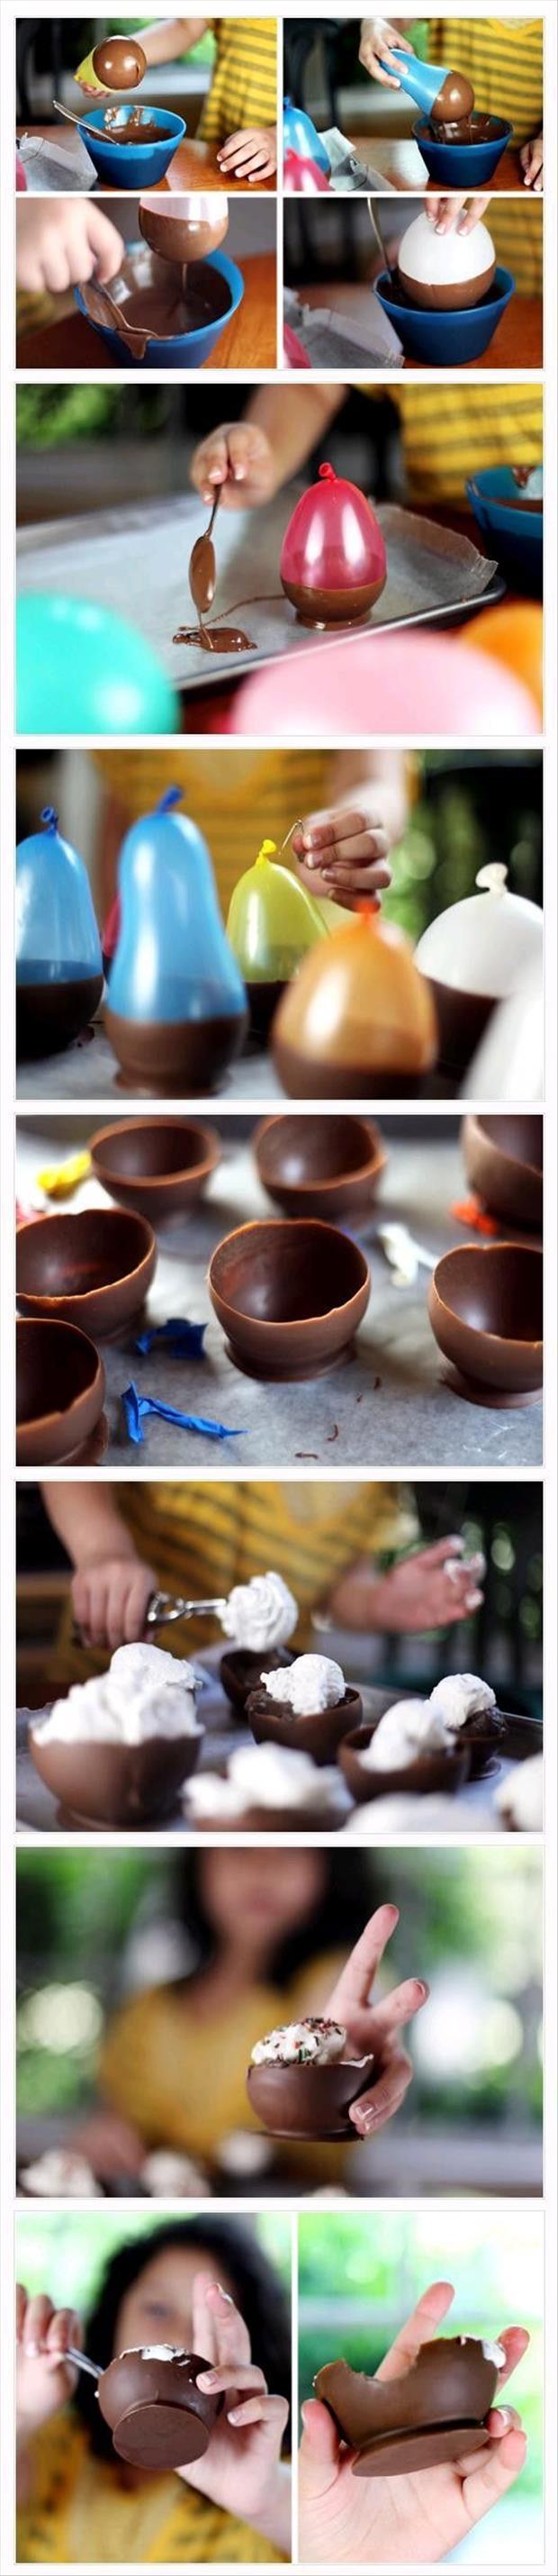 شیرینی و بادکنک و شکلات